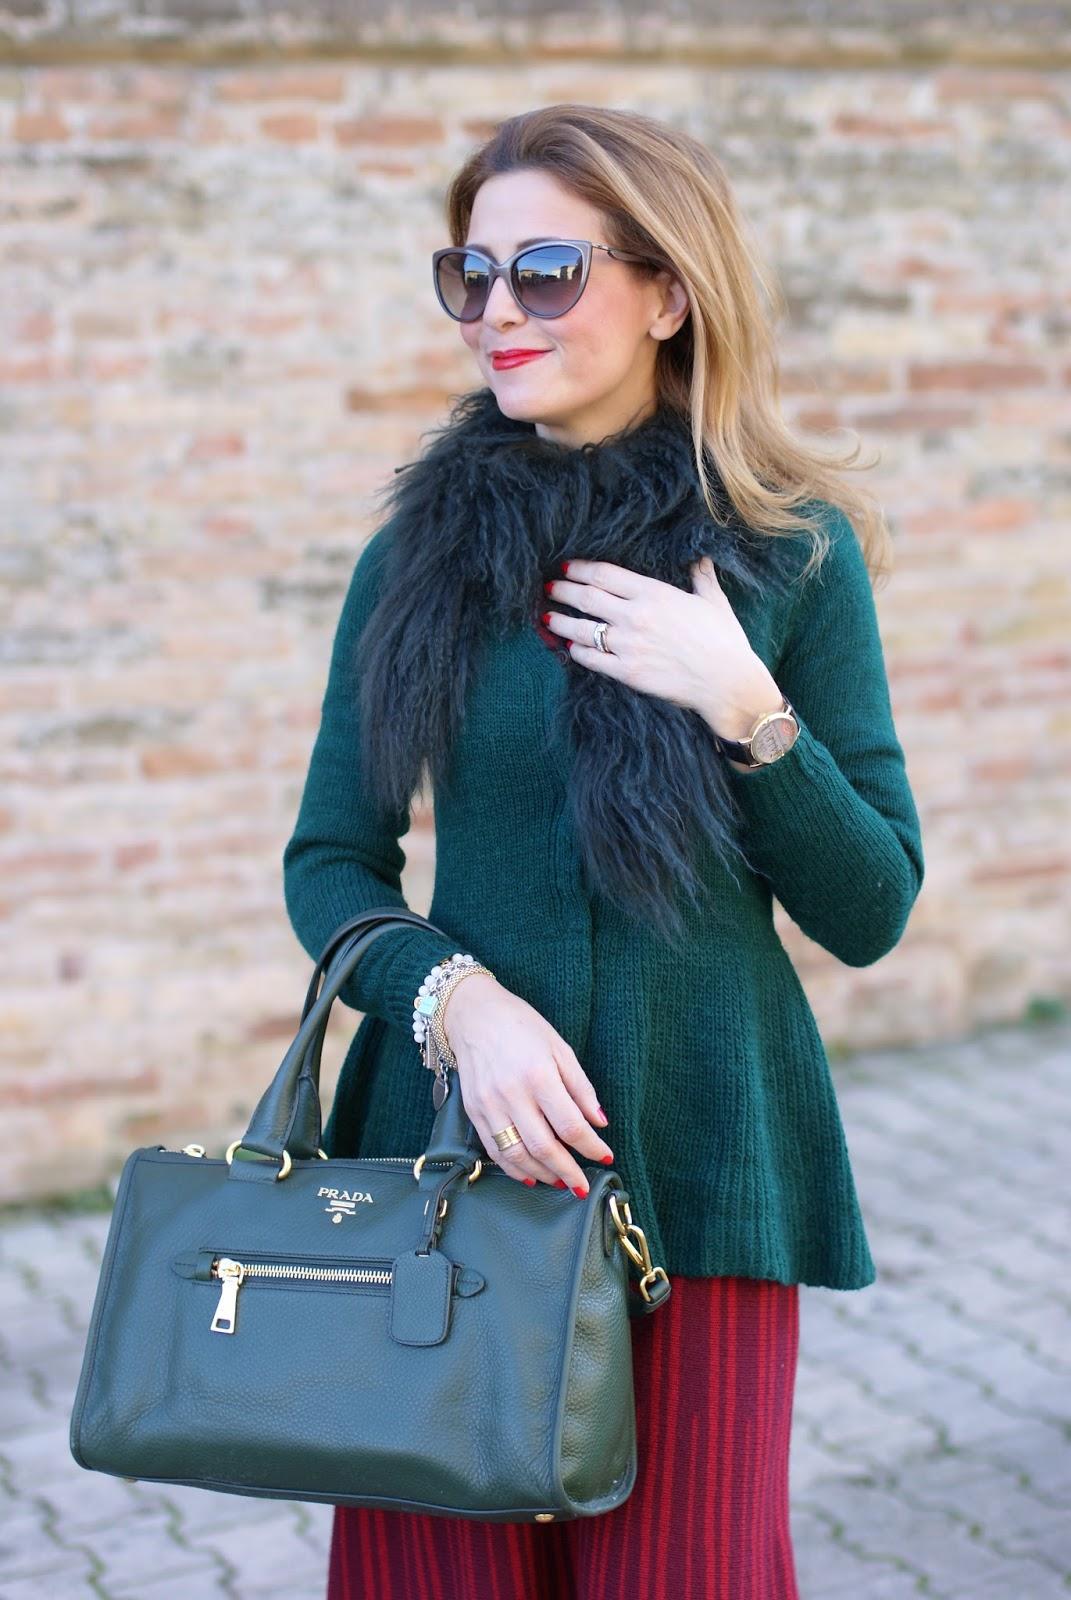 db0adb578d35 Il mio abito a righe in lana Rosè a Pois con accessori verdi